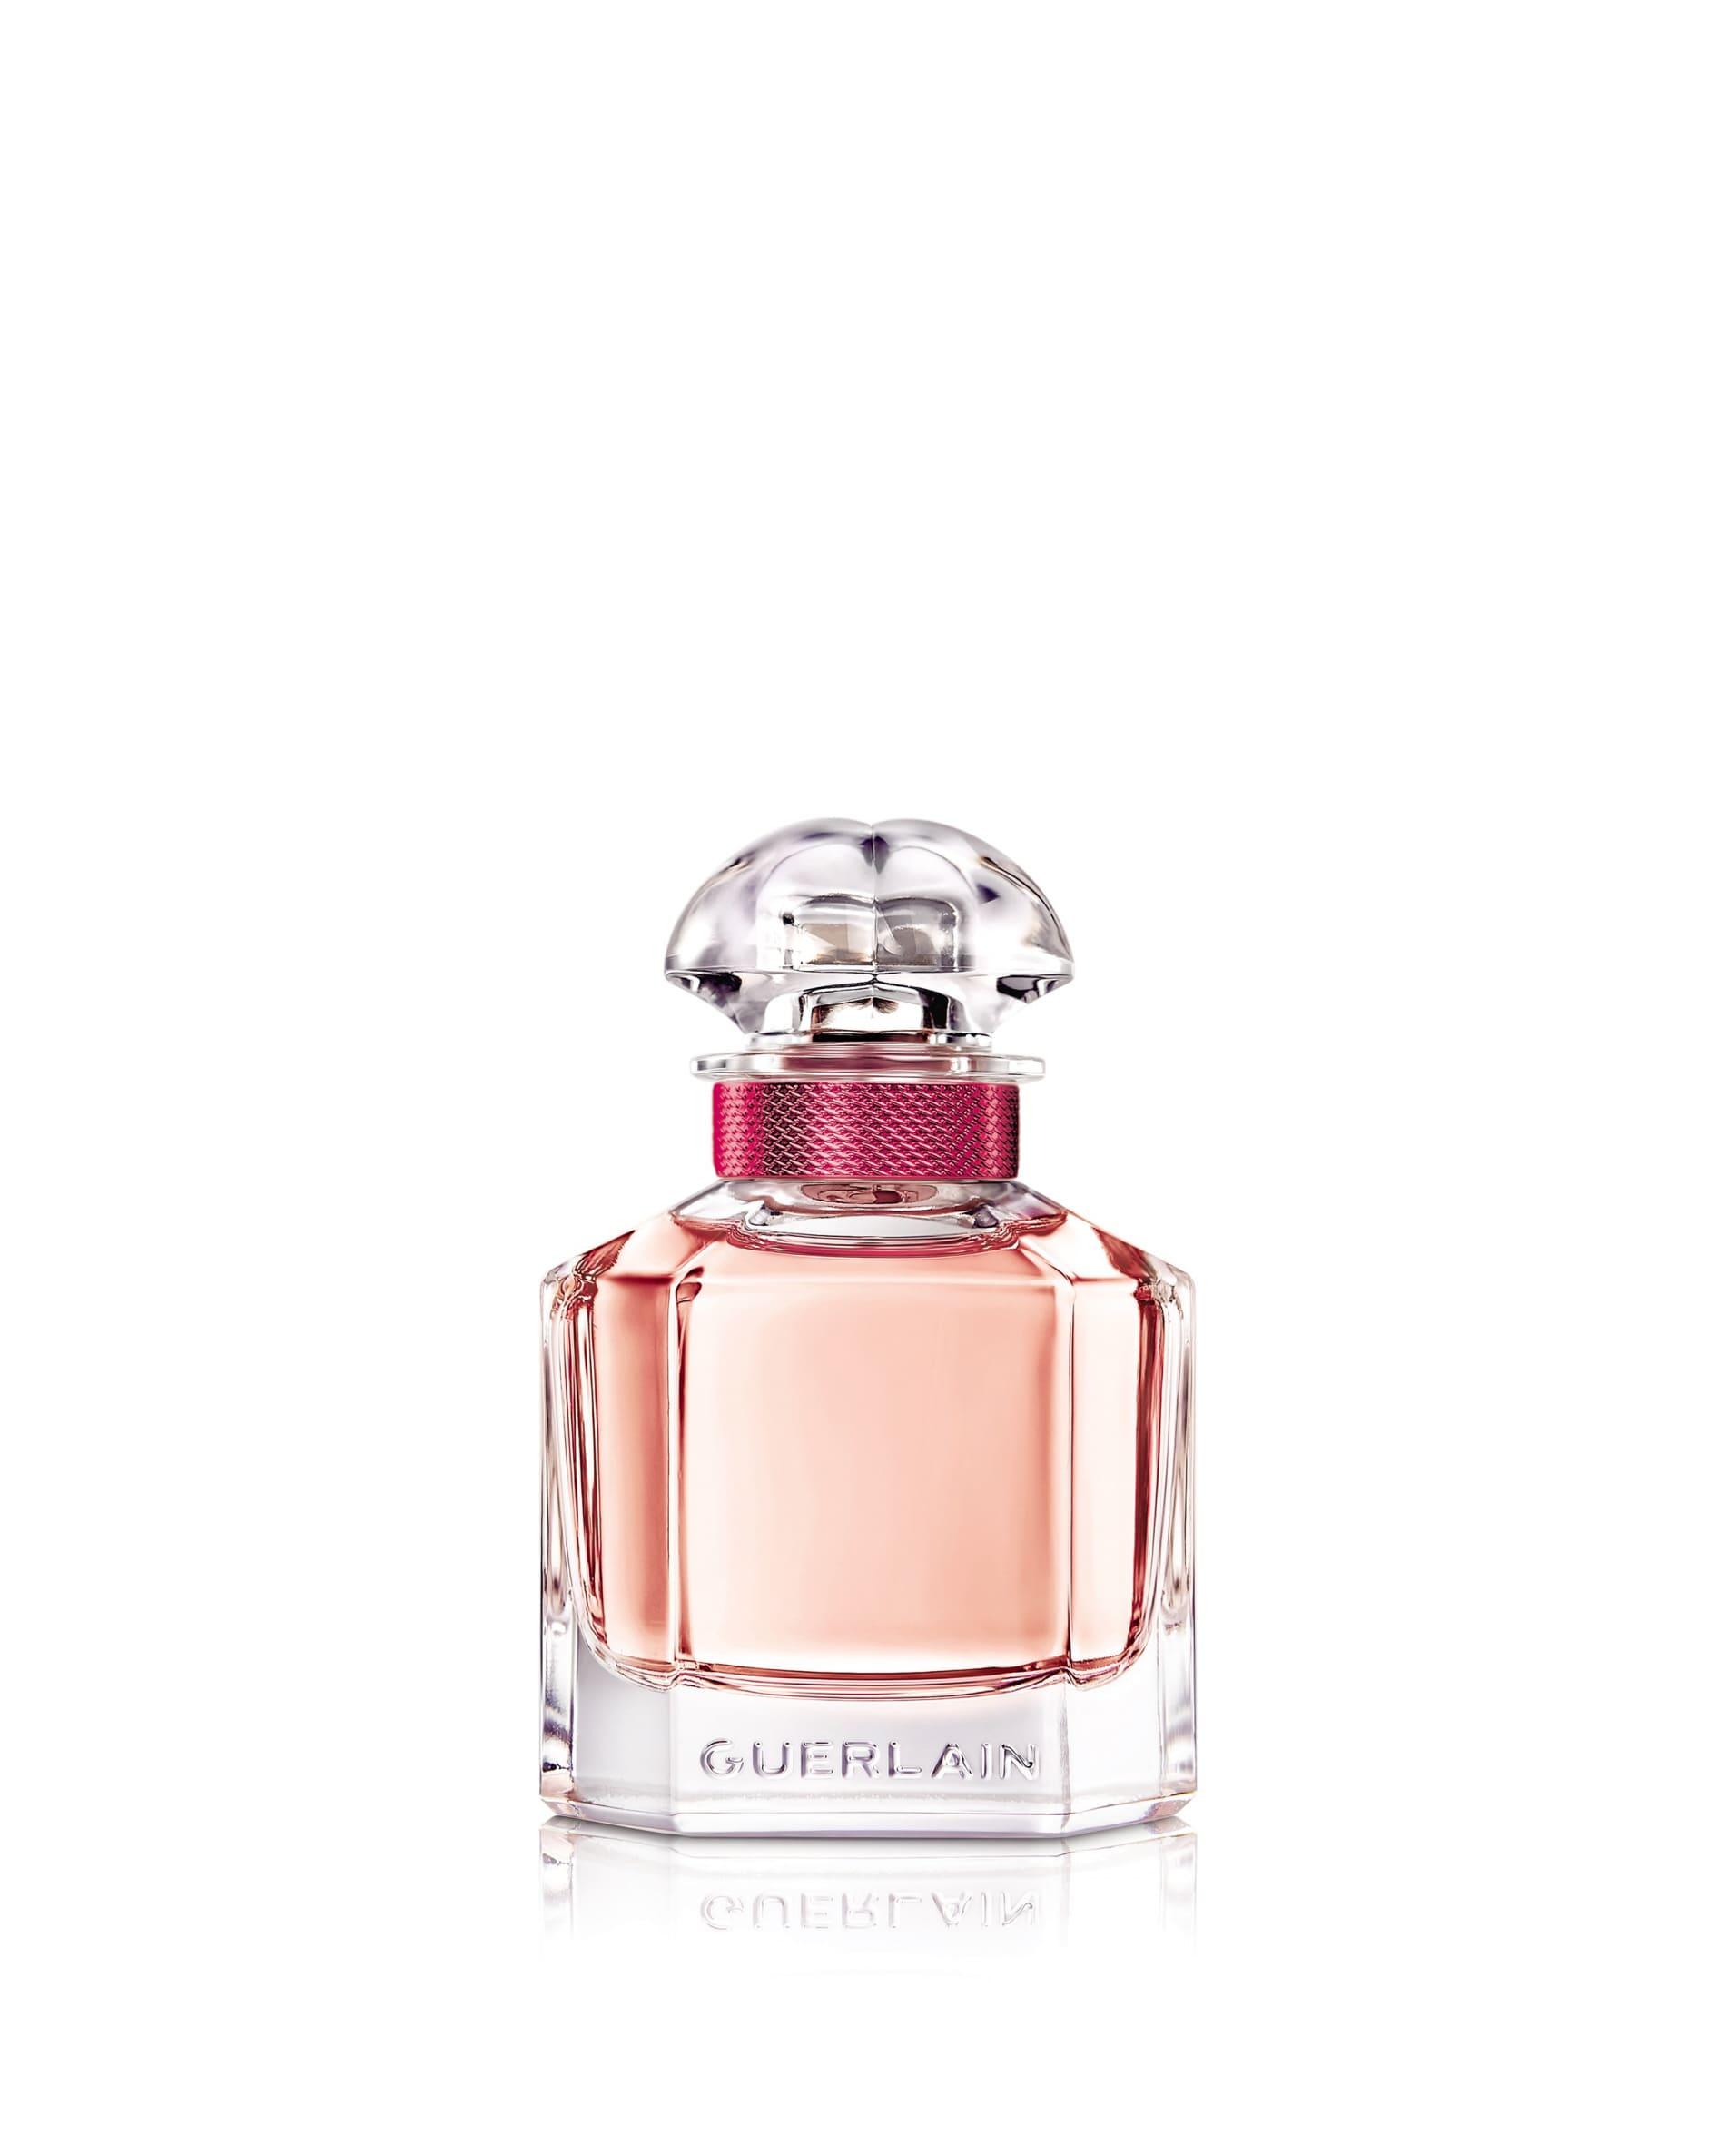 """""""傳達女性多元面像、擺脫框架,一款體現女性特質的香氛。這就是我熱愛《mon guerlain我的印記》的原因""""─安潔莉娜裘莉女人終其一生都在形塑女性特質,它是一個不斷進化的過程。隨著全新淡香水玫瑰盛開"""